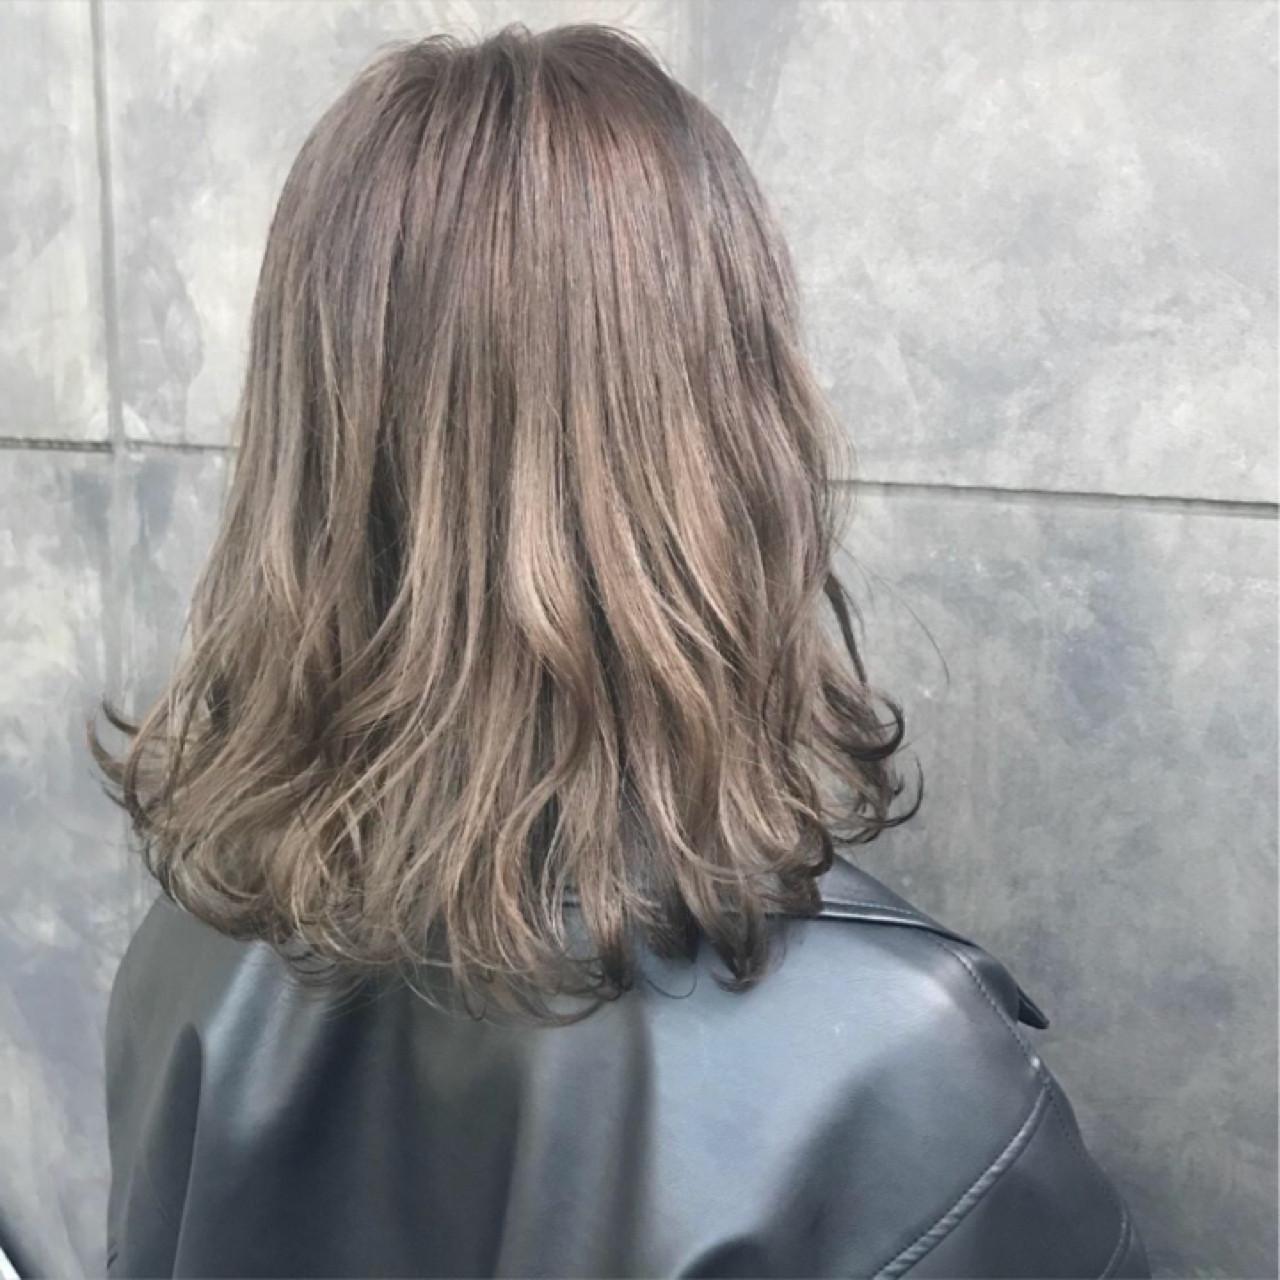 ミディアム ナチュラル ハイトーン ブリーチカラー ヘアスタイルや髪型の写真・画像 | オカモト サキ / SHION harajuku